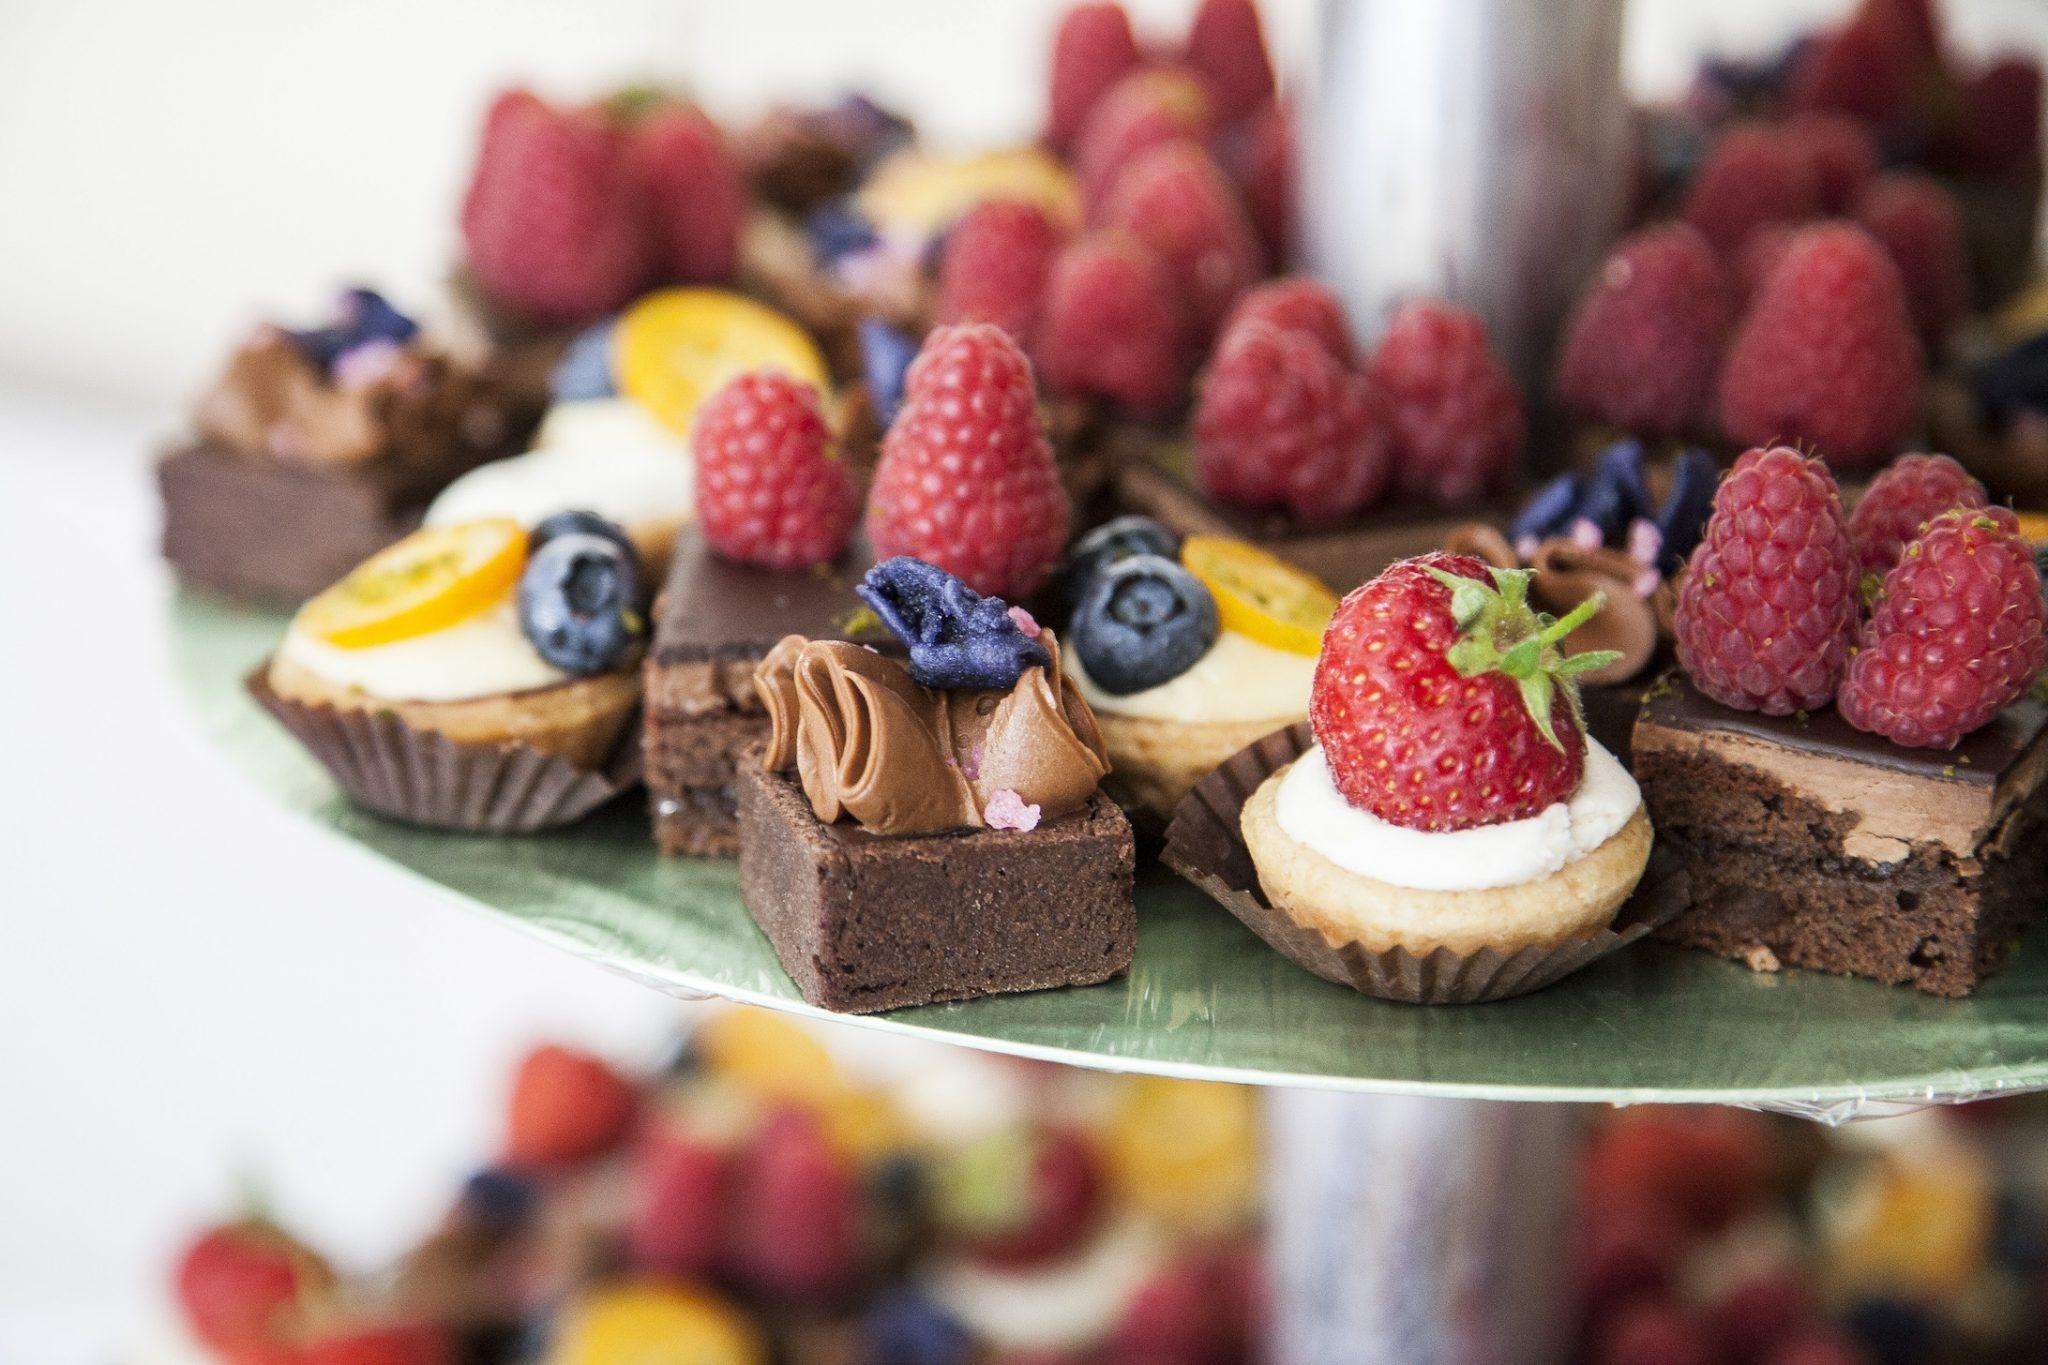 Hochzeit von Laura und Jan in Münster: Kuchen verziert mit Obst